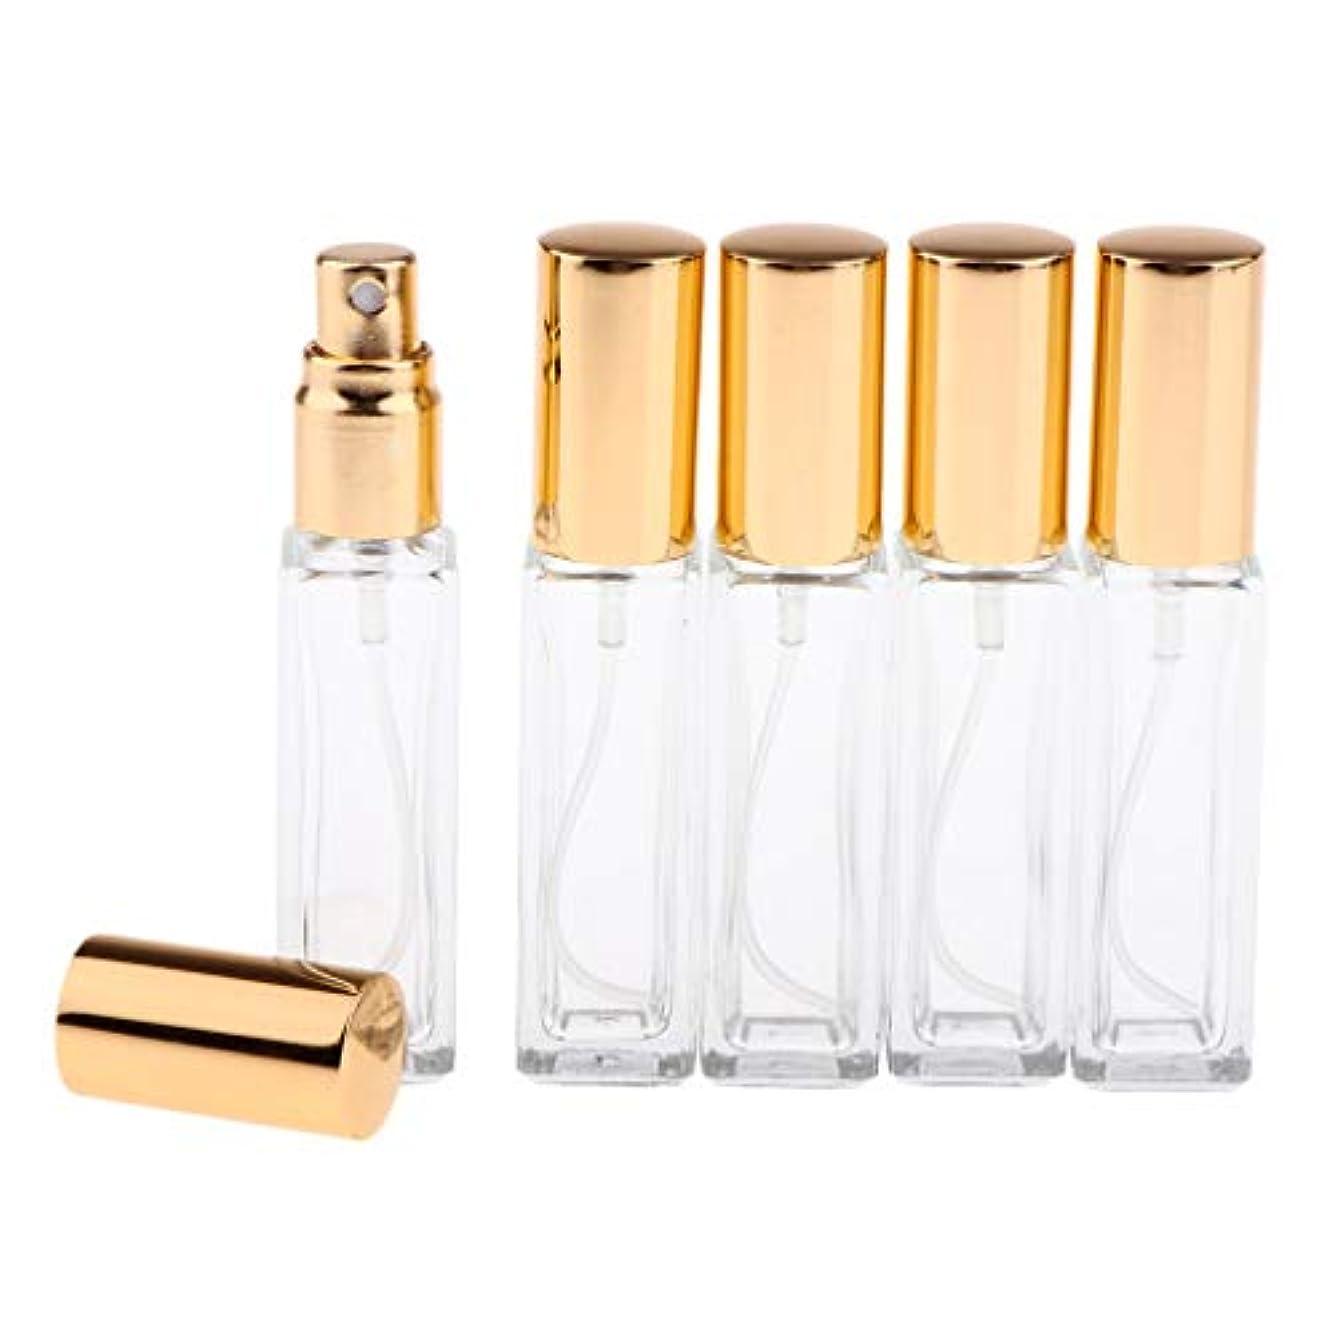 管理するビット野球Perfeclan 香水アトマイザー スプレーボトル 空のボトル ポンプボトル ファインミストスプレーボトル 6カラー 5個 - 金色キャップ